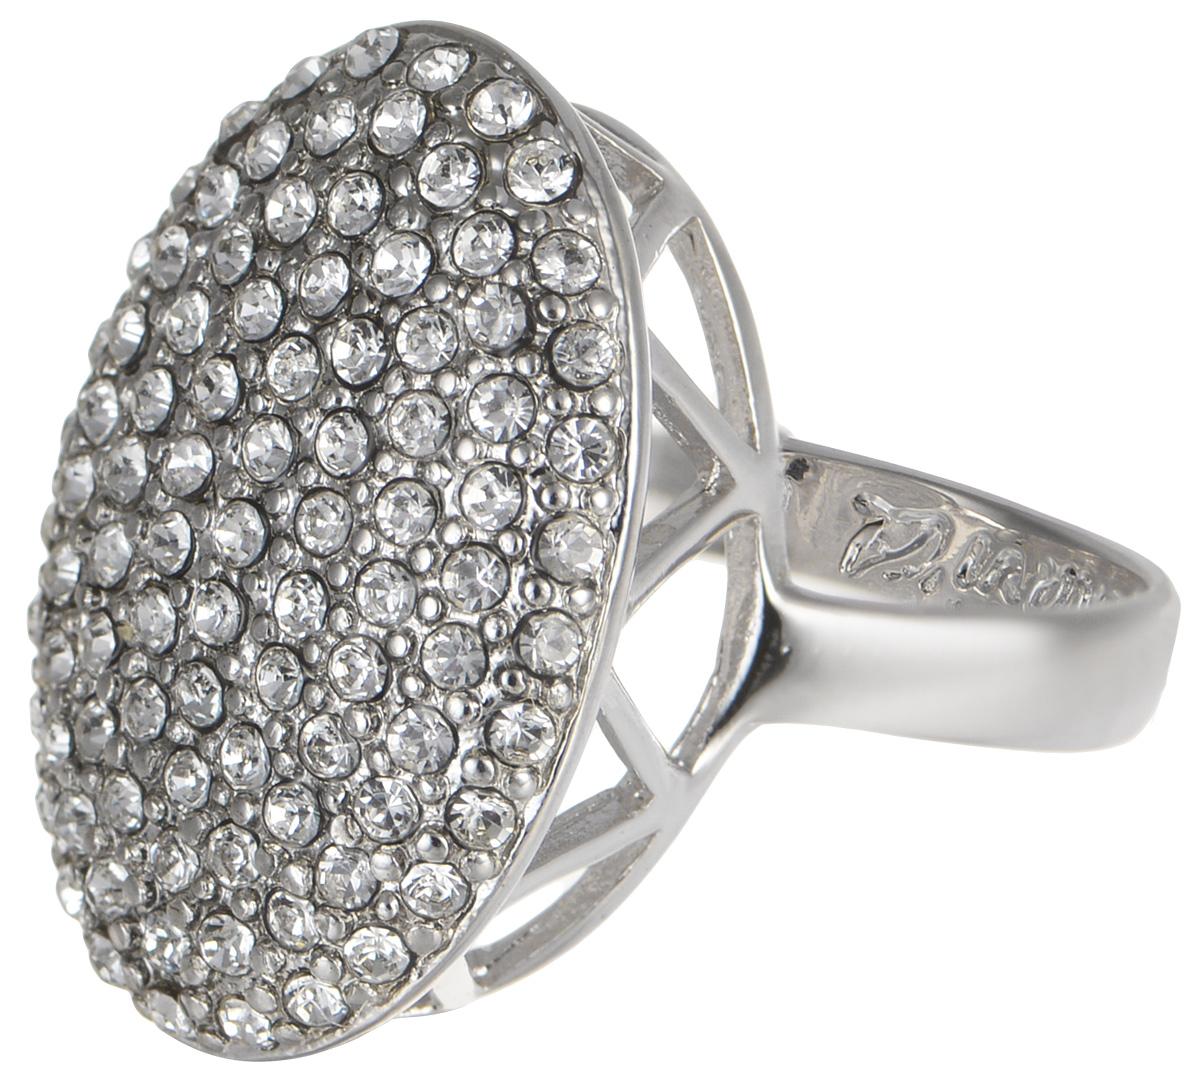 Кольцо Jenavi Мириада. Гросс, цвет: серебро. r633f000. Размер 17r633f000Кольцо Jenavi Гросс из коллекции Мириада изготовлено из гипоаллергенного ювелирного сплава с покрытием родием и украшено яркими кристаллами Swarovski. Это кольцо никогда не затеряется среди других ваших украшений, ведь сверкающие кристаллы Swarovski и покрытие из настоящего родия выглядят роскошно и очень дорого. Кроме того, его изысканный дизайн так выгодно подчеркивает достоинства кристаллов, что они не уступают своей красотой драгоценным камням. В новой коллекции Мириада - бесчисленное количество кристаллов Swarovski разных размеров, цветов и оттенков. Они вдохновляют - на романтическое настроение, на смелые поступки, на позитивные эмоции. Они придают новое толкование всем известной истины - красоты никогда не бывает много! Мириада от Jenavi - удовольствие, которое может длиться вечно.